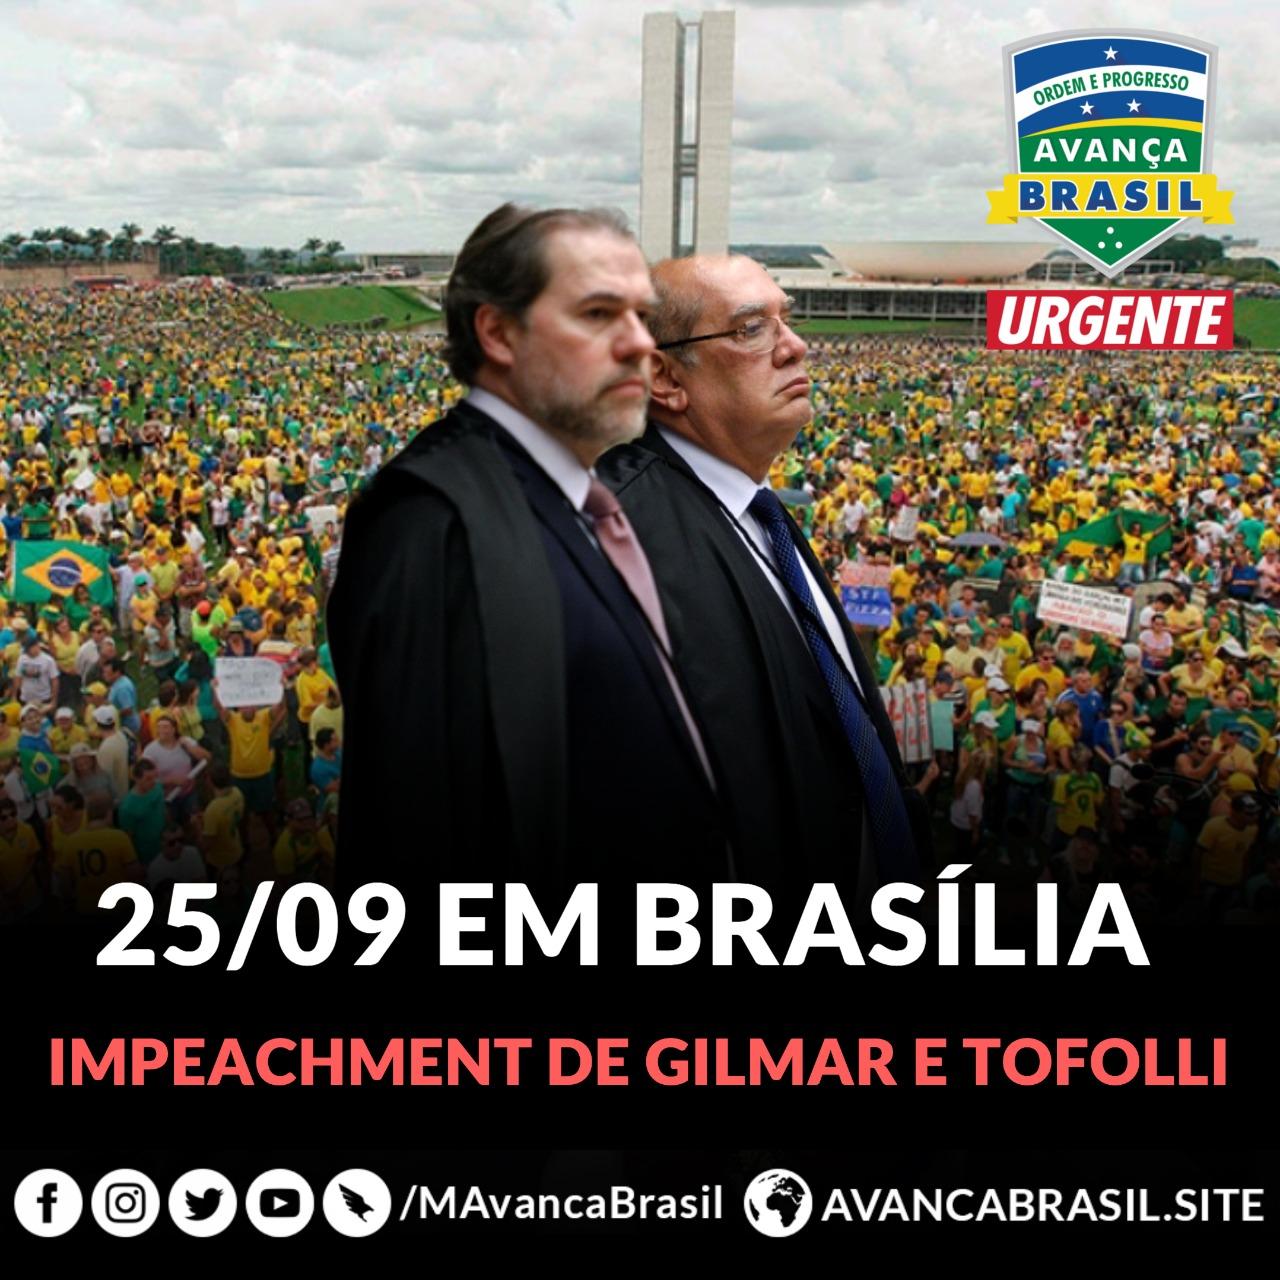 Política – E a sociedade civil responde nas redes à convocação para 25/9: 1,7 milhões de ativistas do MAB